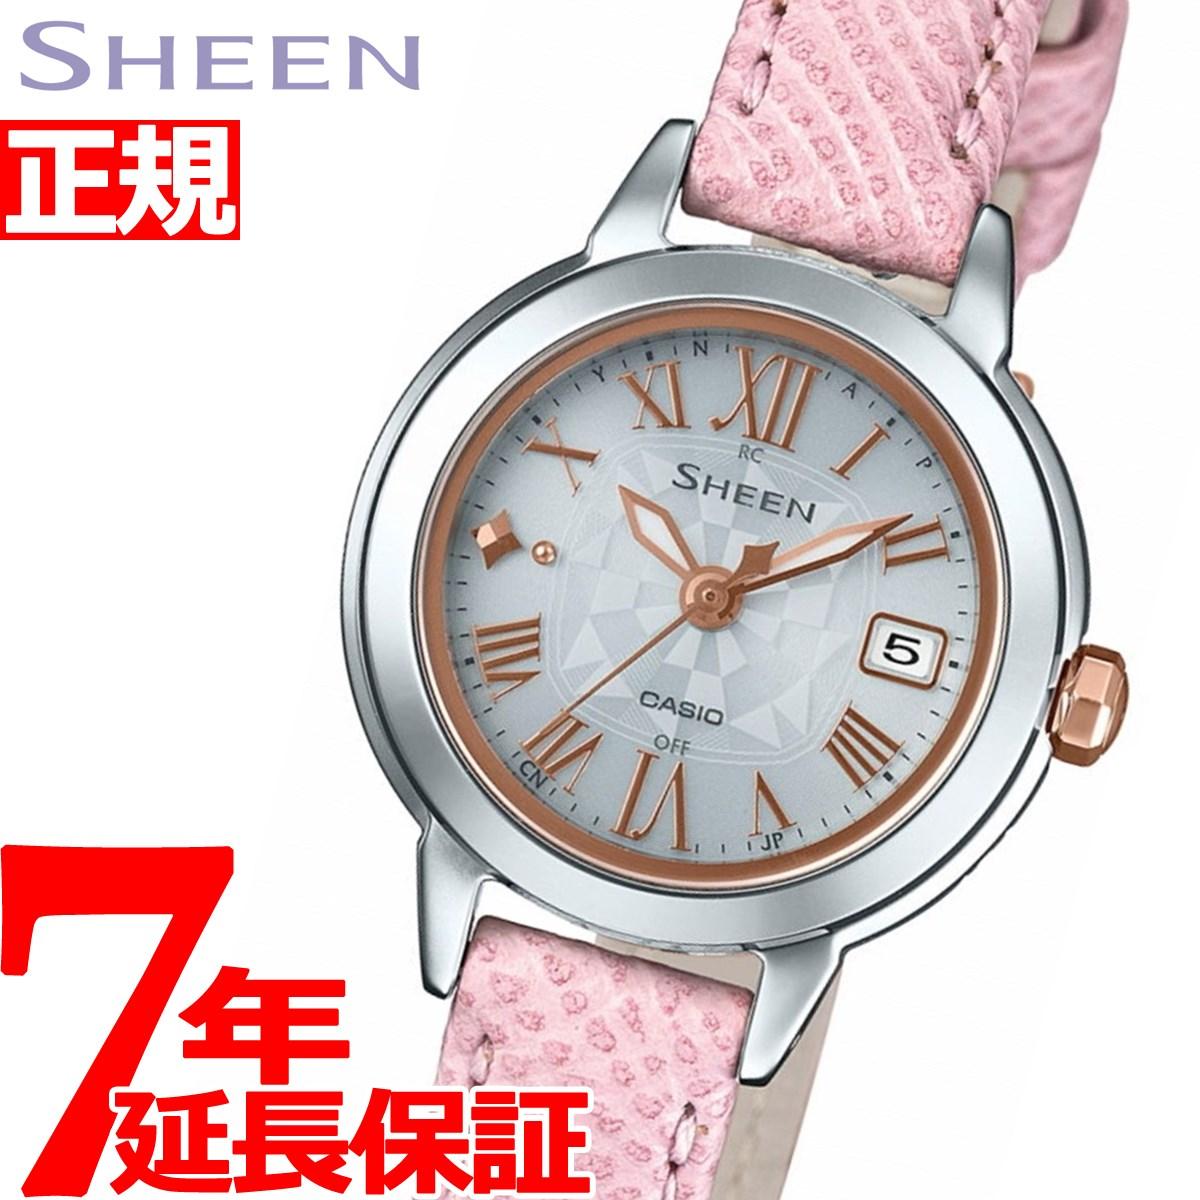 カシオ シーン CASIO SHEEN 電波 ソーラー 電波時計 腕時計 レディース SHW-5000LTD-7AJR【2018 新作】